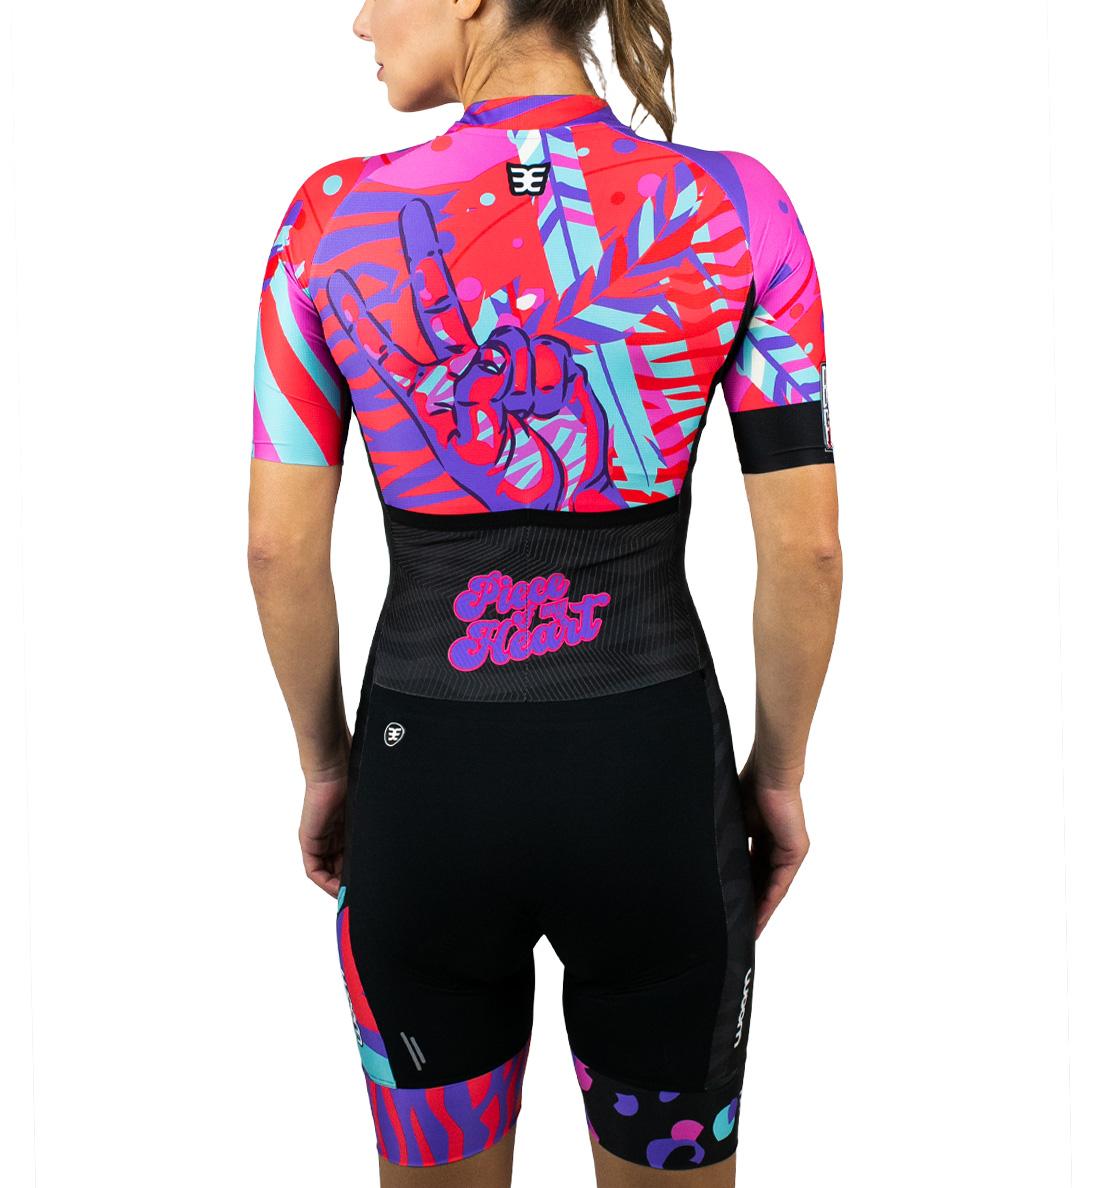 Macaquinho Ciclismo Ed. Limitada Rock Joplin Fem - 2021